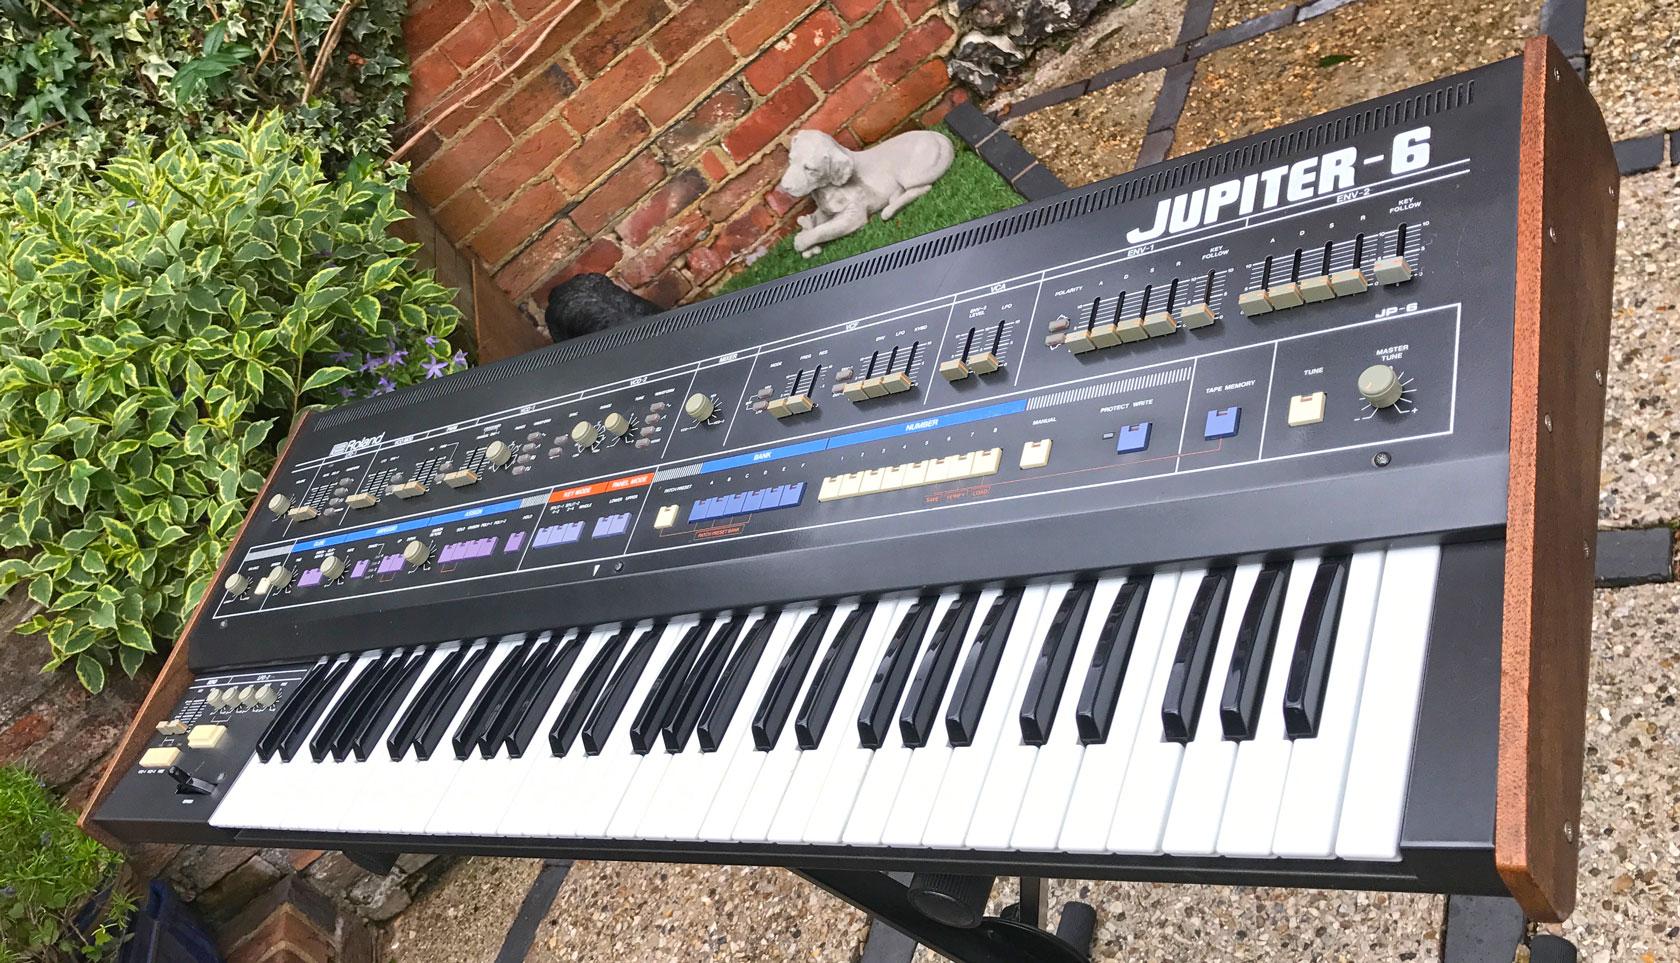 Roland Jupiter 6   RL Music